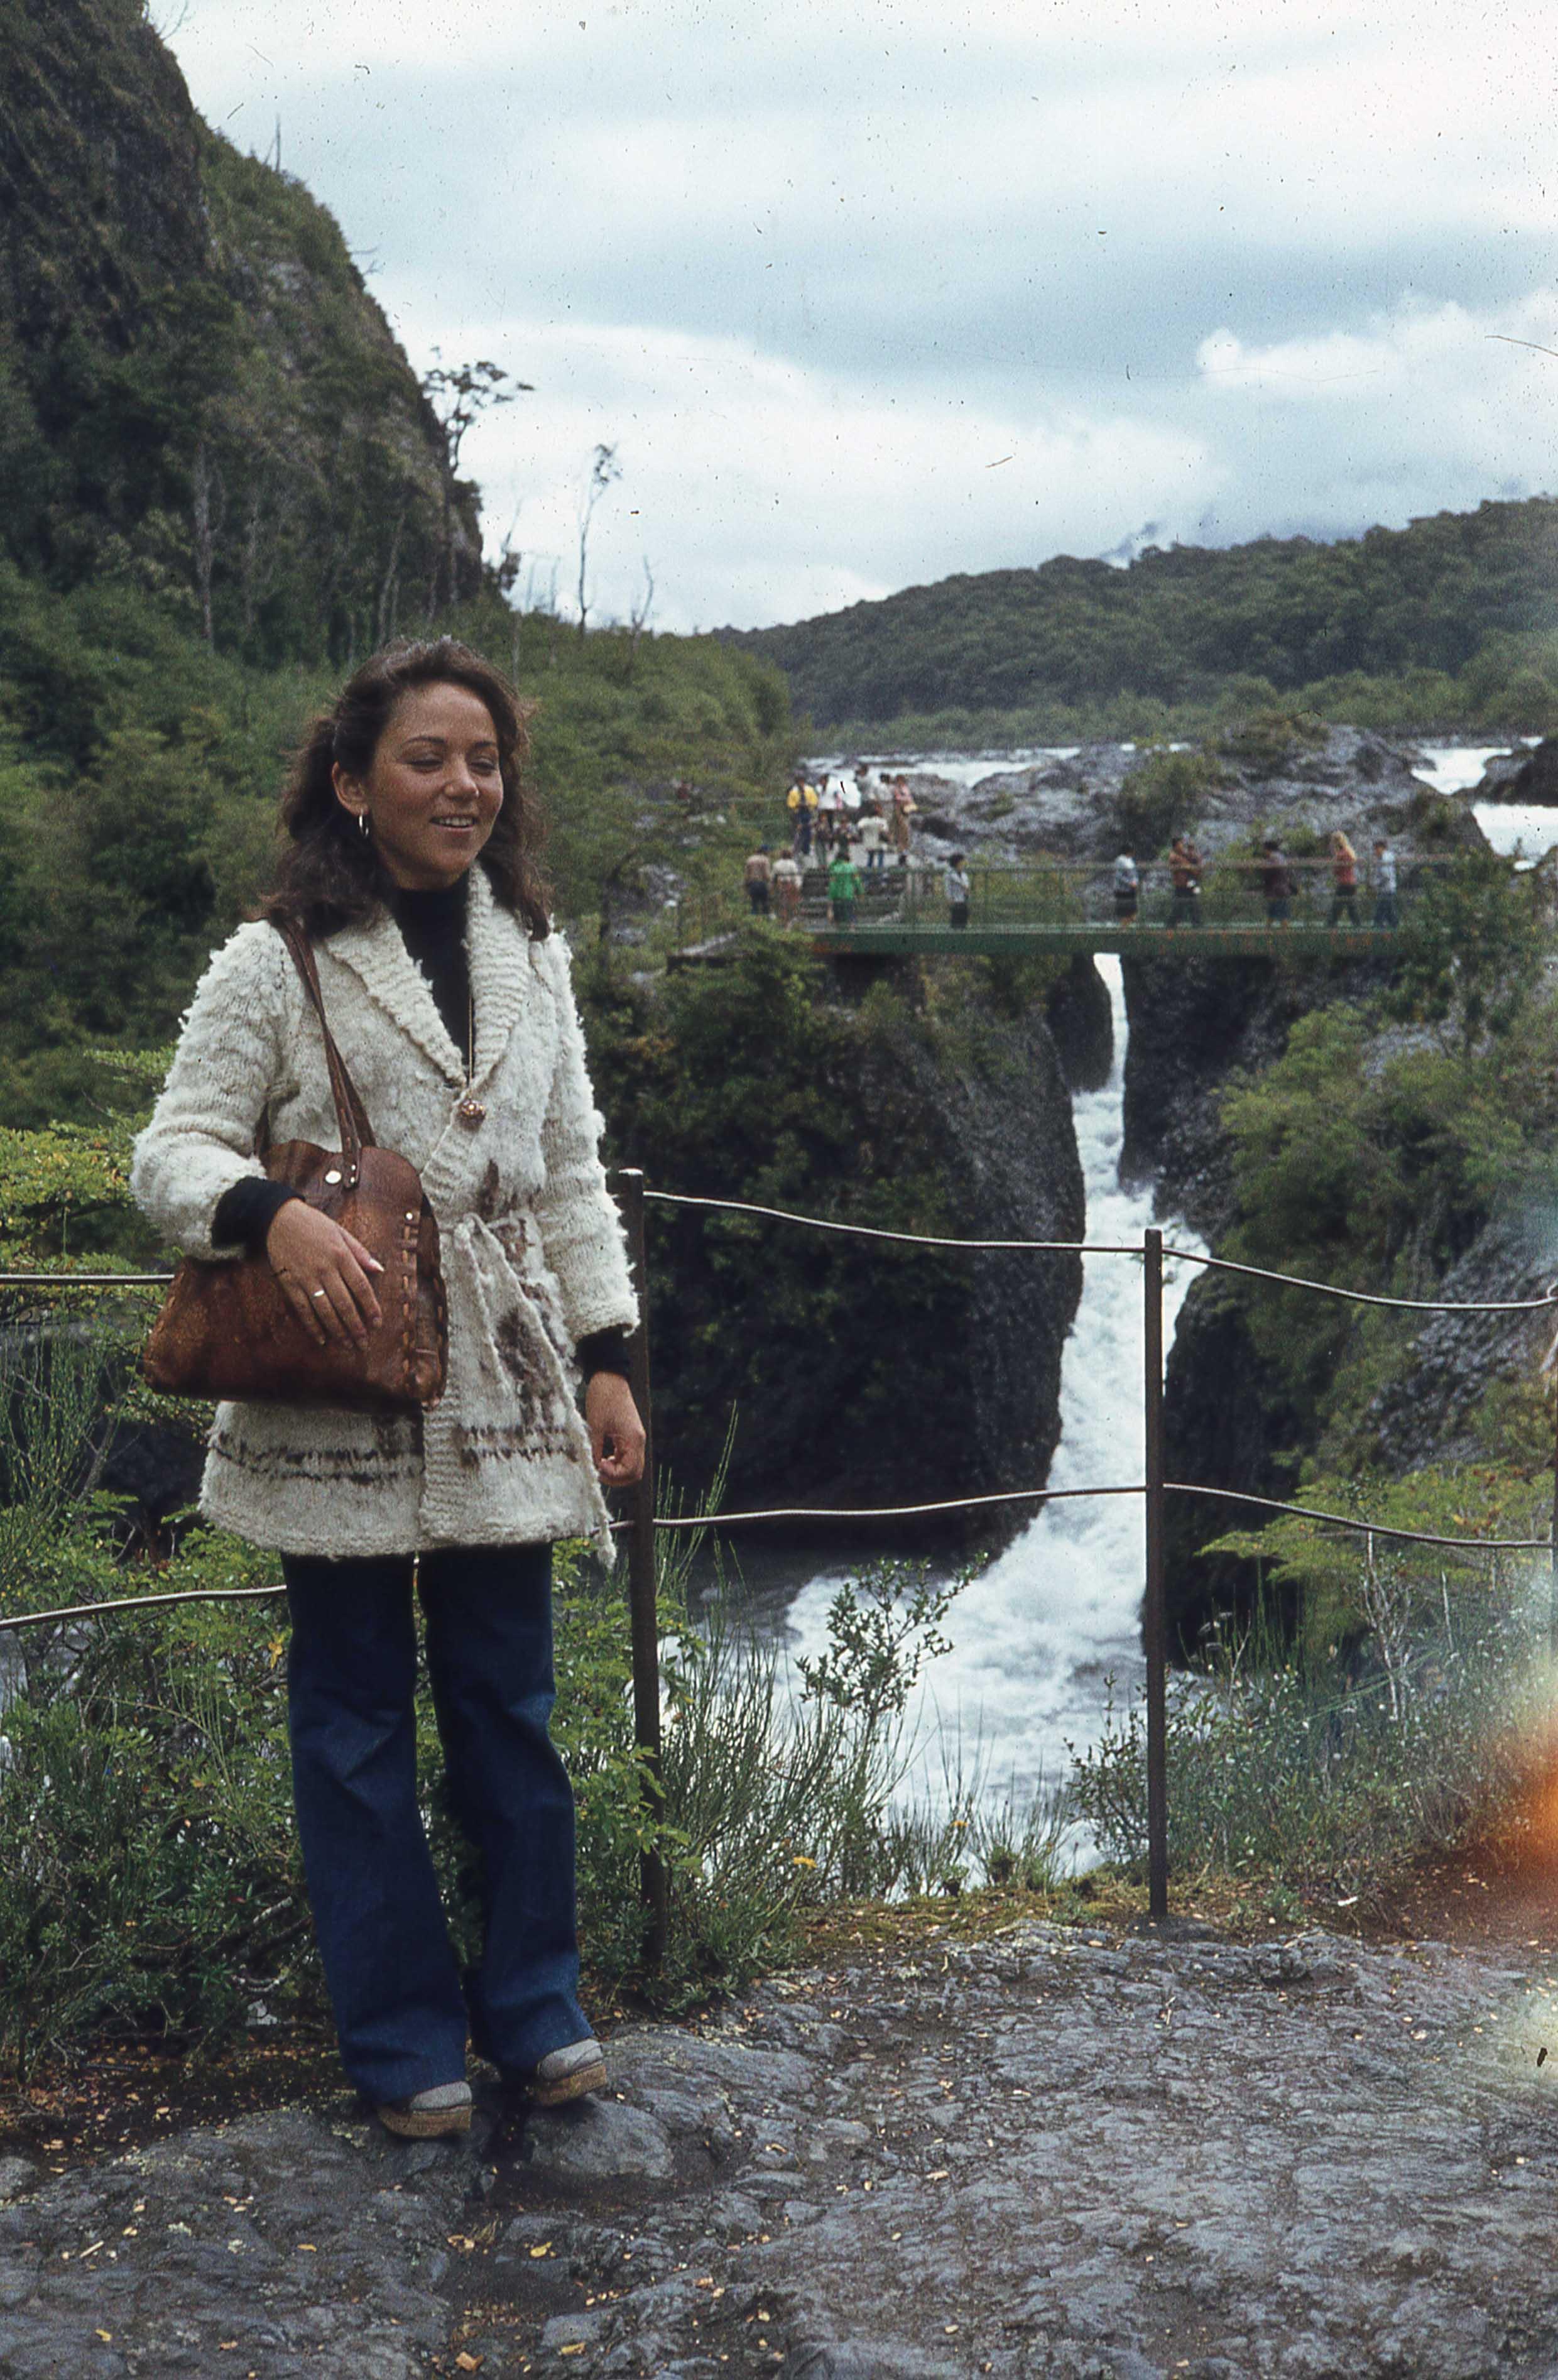 Enterreno - Fotos históricas de chile - fotos antiguas de Chile - Saltos del Petrohué a finales de los 70